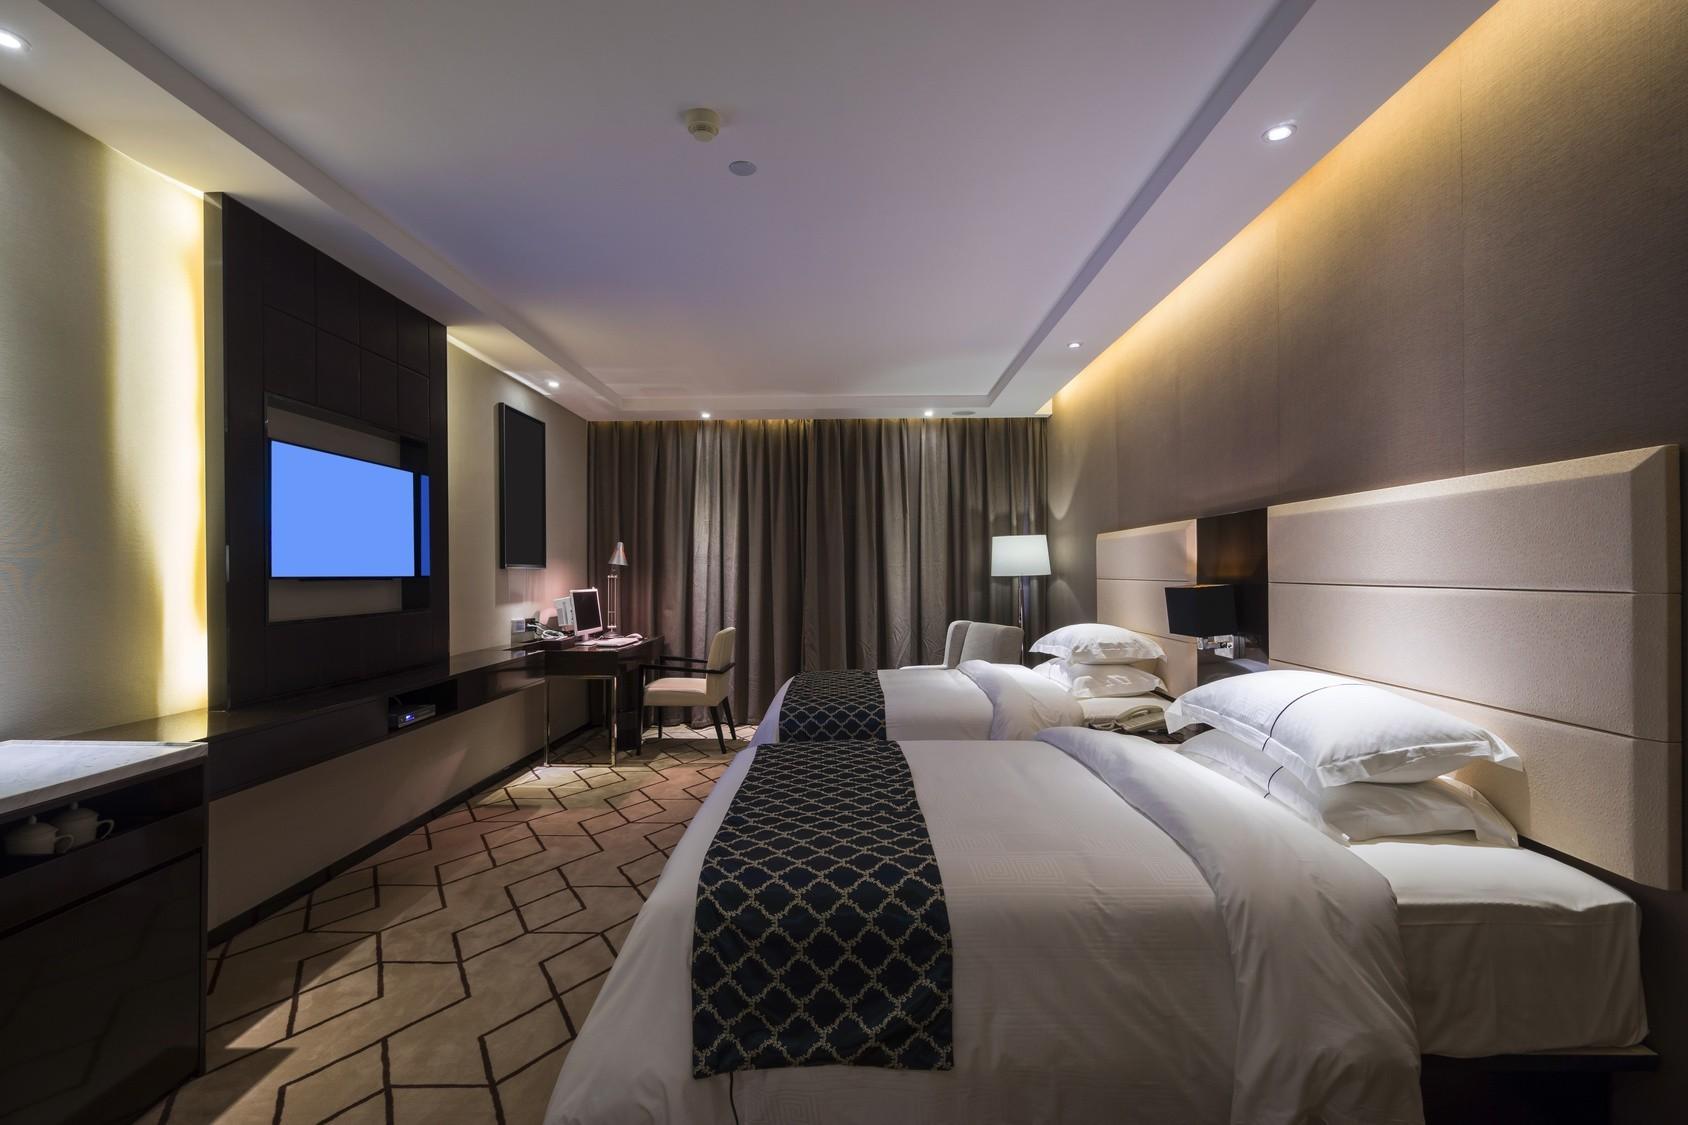 boardinghaus immobilien reba immobilien ag berlin kassel immobilienmakler hotelmakler. Black Bedroom Furniture Sets. Home Design Ideas